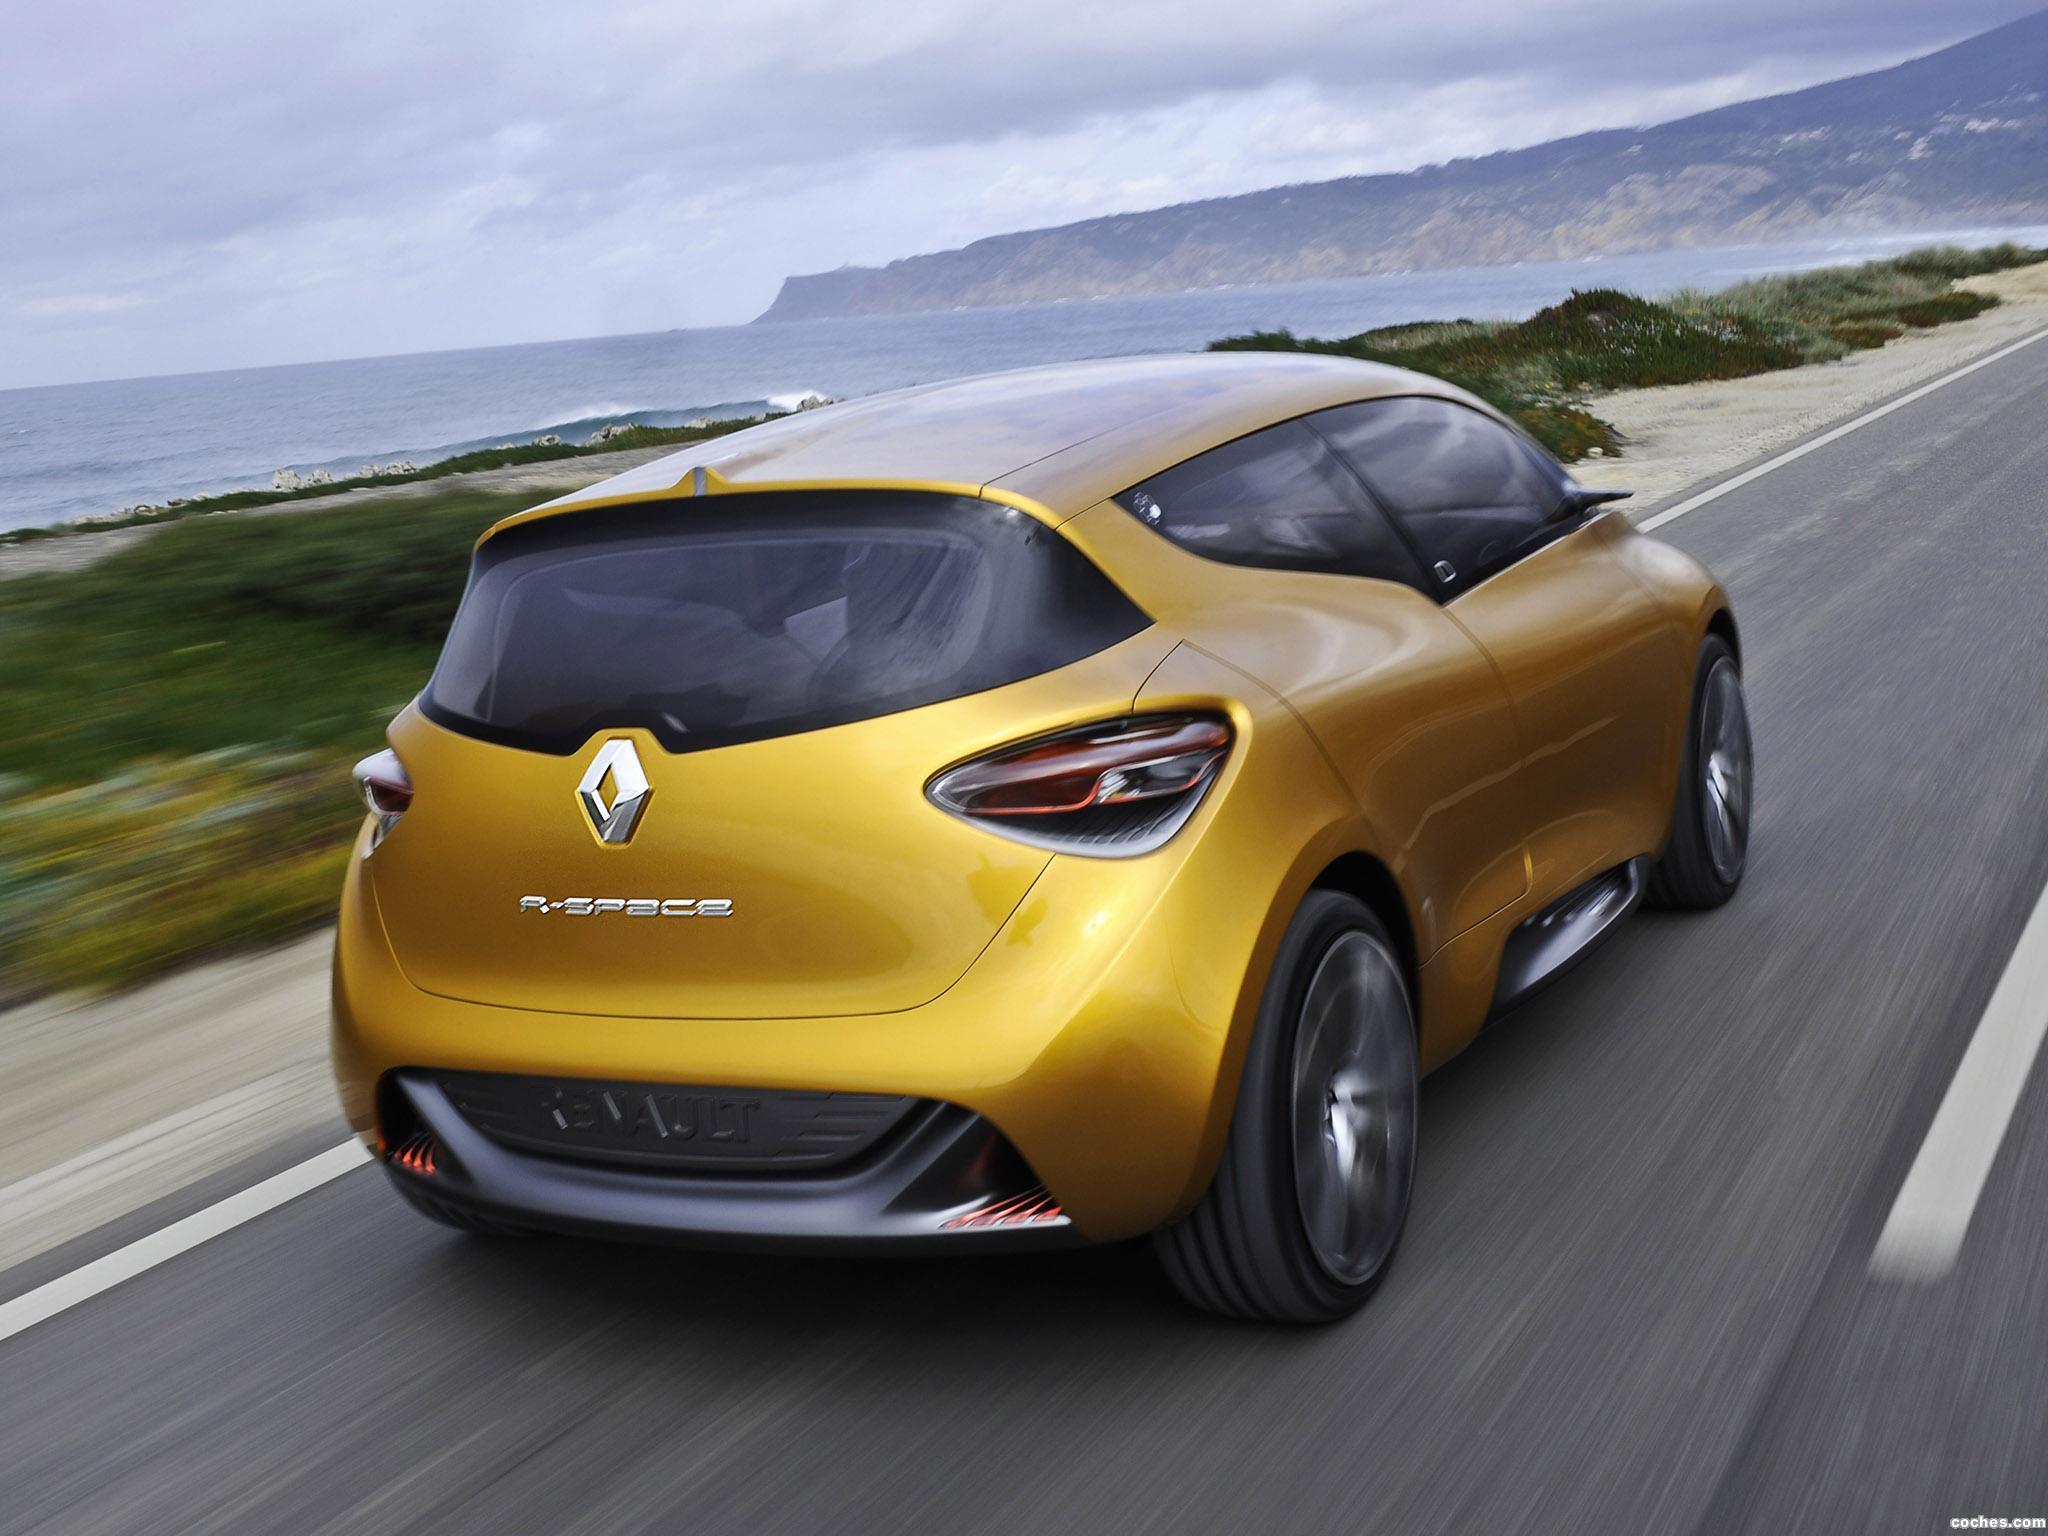 Foto 8 de Renault R-Space Concept 2011